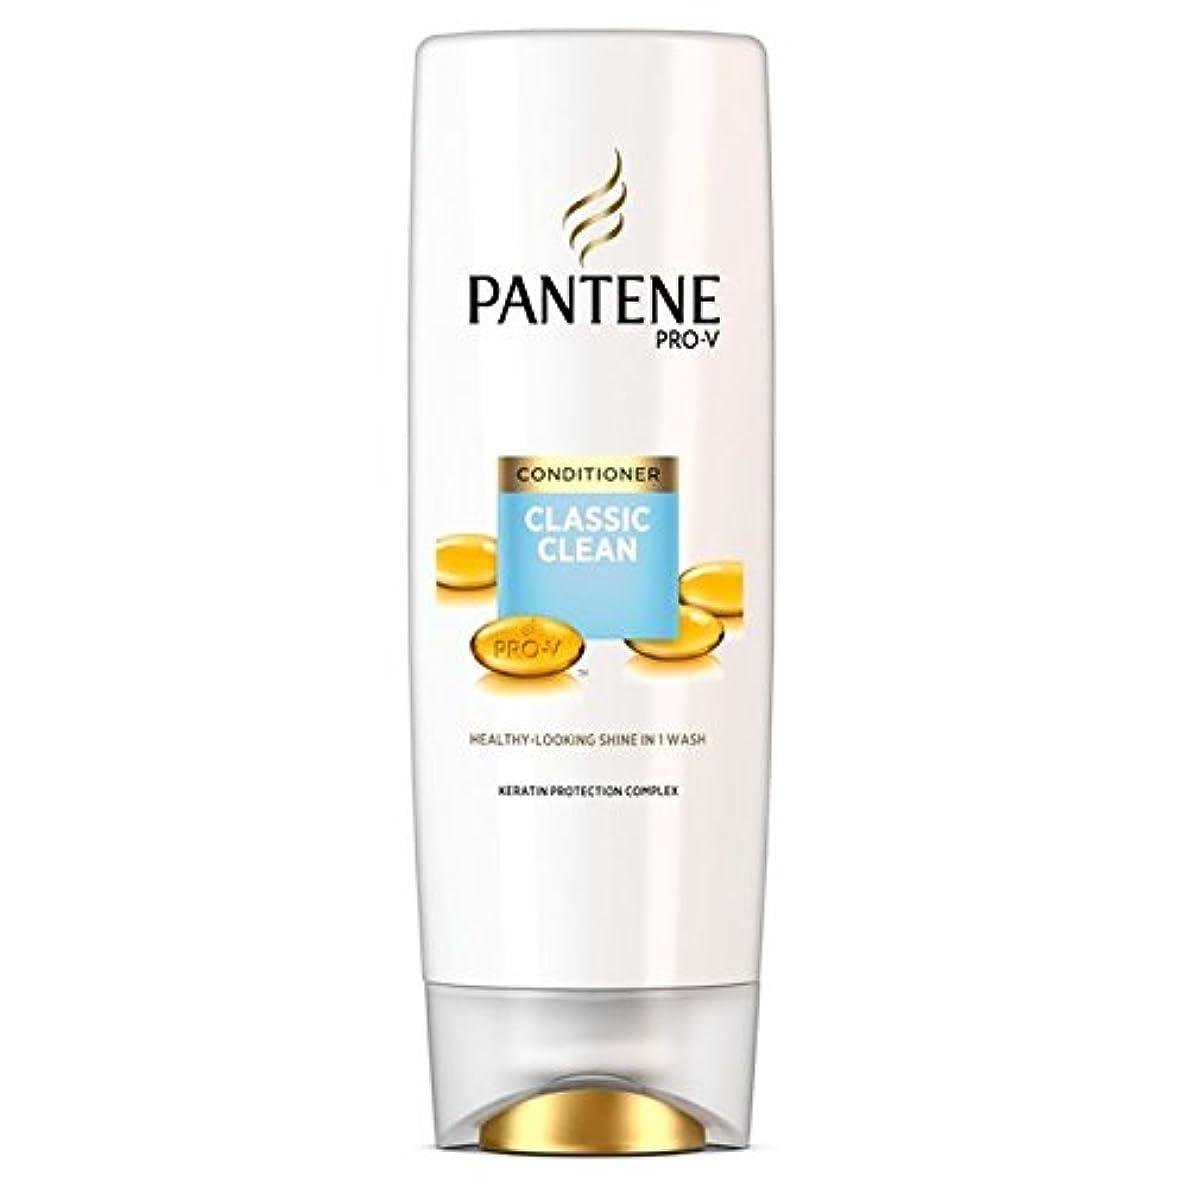 識別同性愛者本気Pantene Classic Clean Conditioner 360ml (Pack of 6) - パンテーン古典的なクリーンコンディショナー360ミリリットル x6 [並行輸入品]